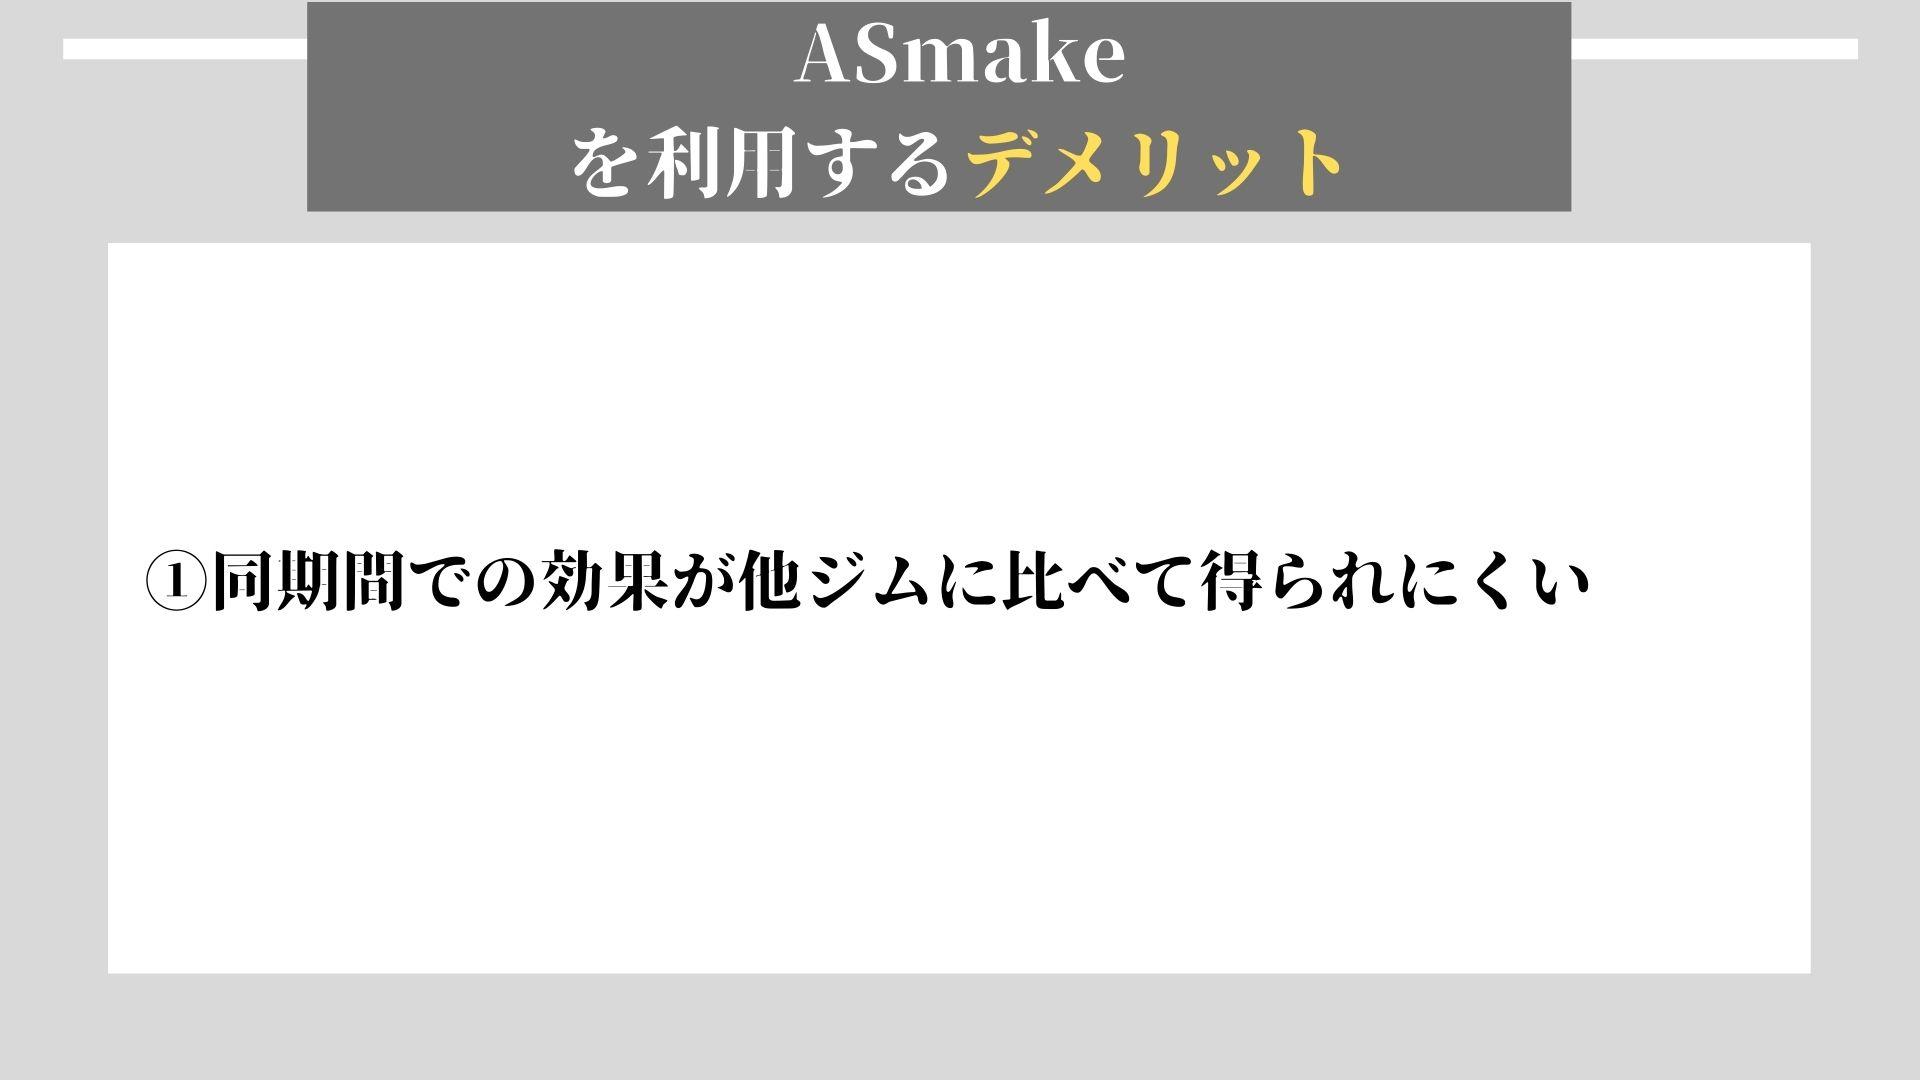 ASmake デメリット